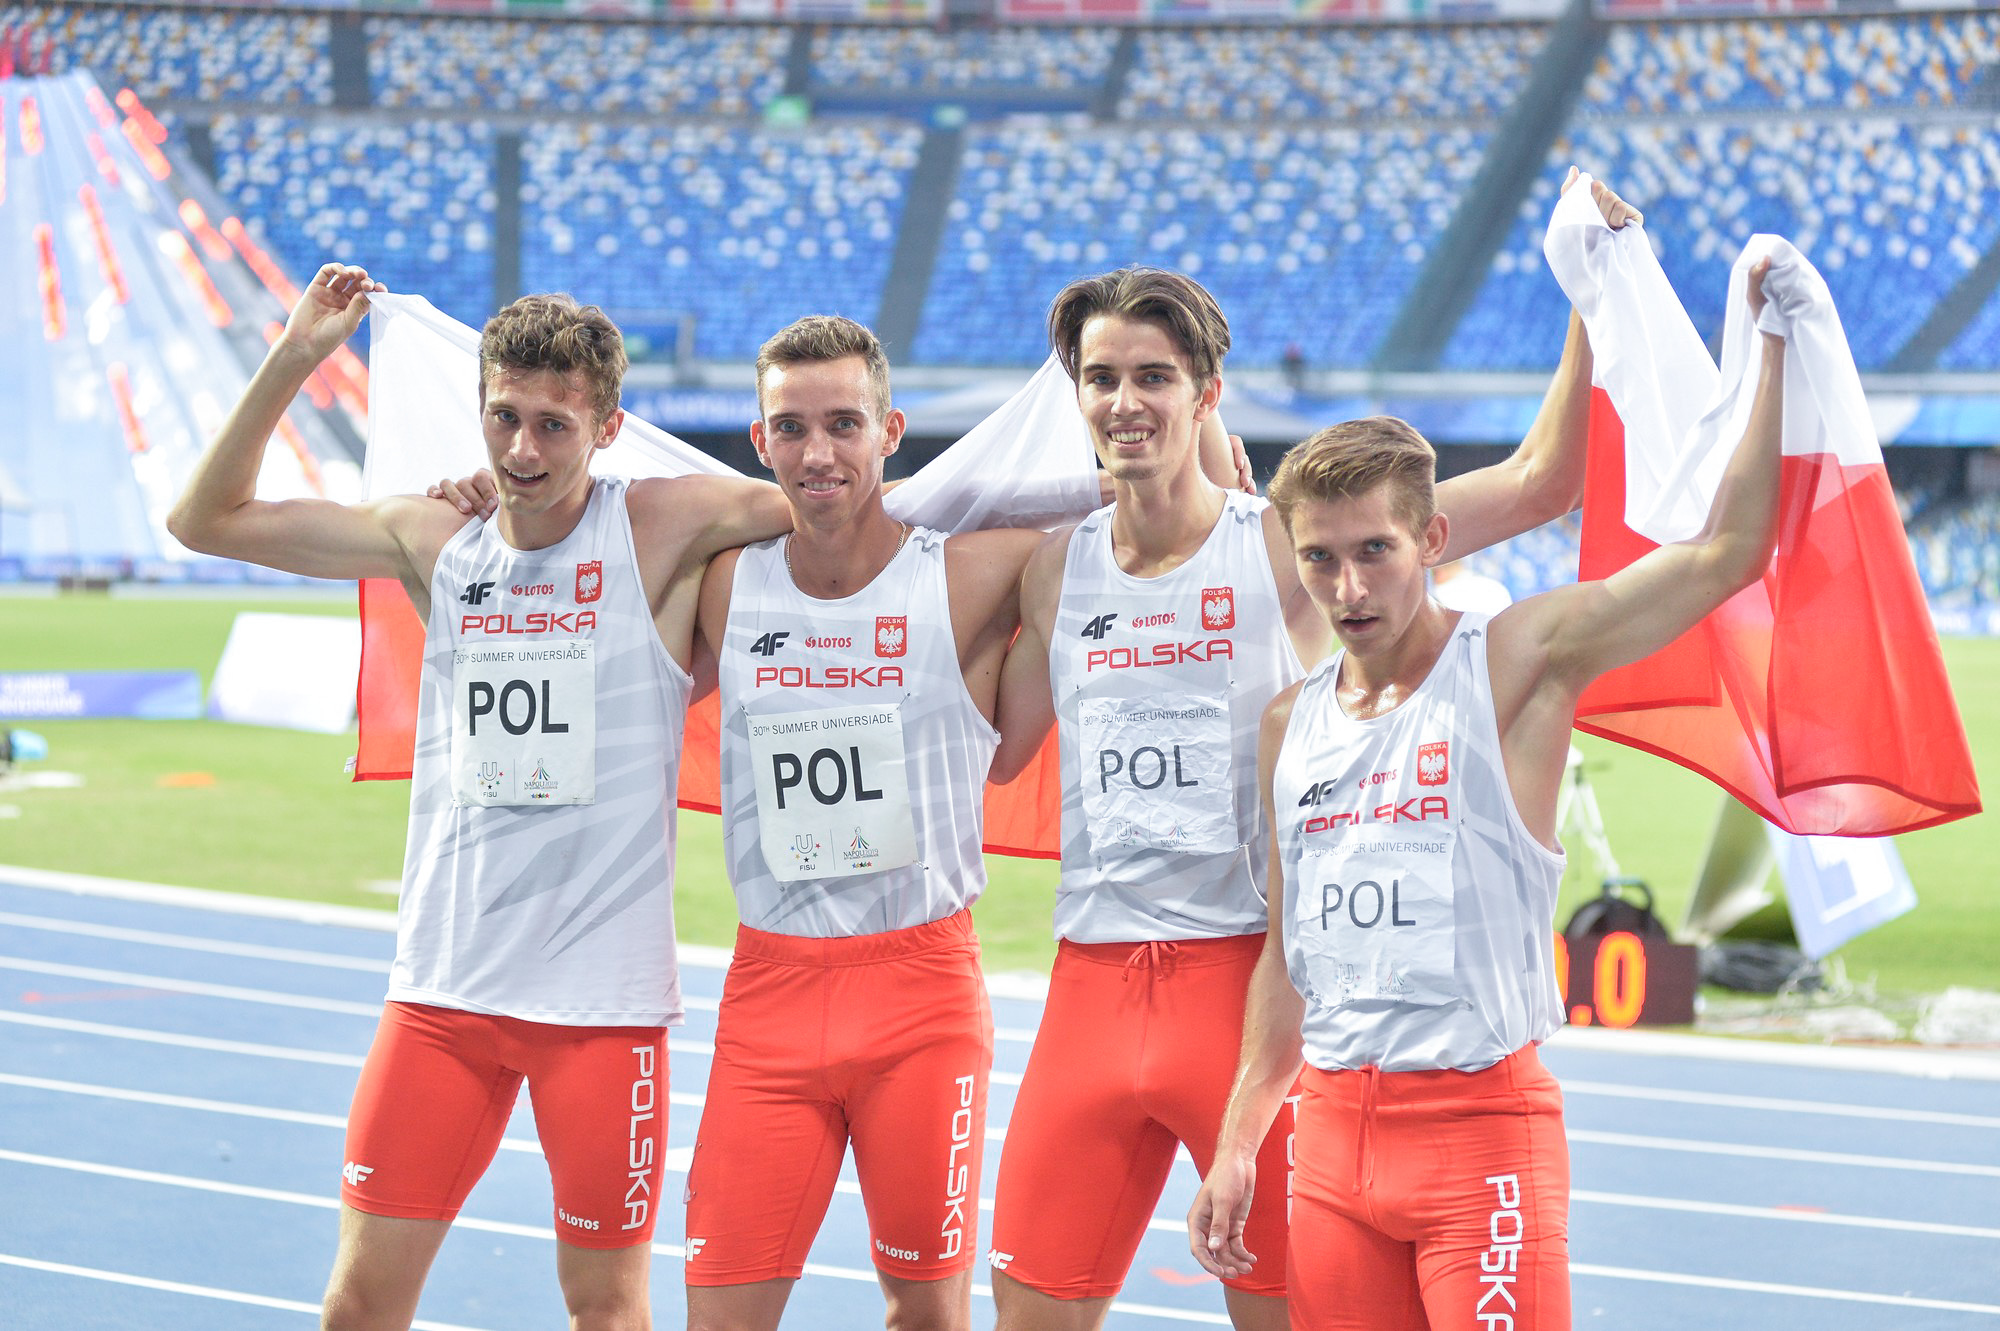 Wiktor Suwara, Patryk Dobek, Kajetan Duszyński i Dariusz Kowaluk